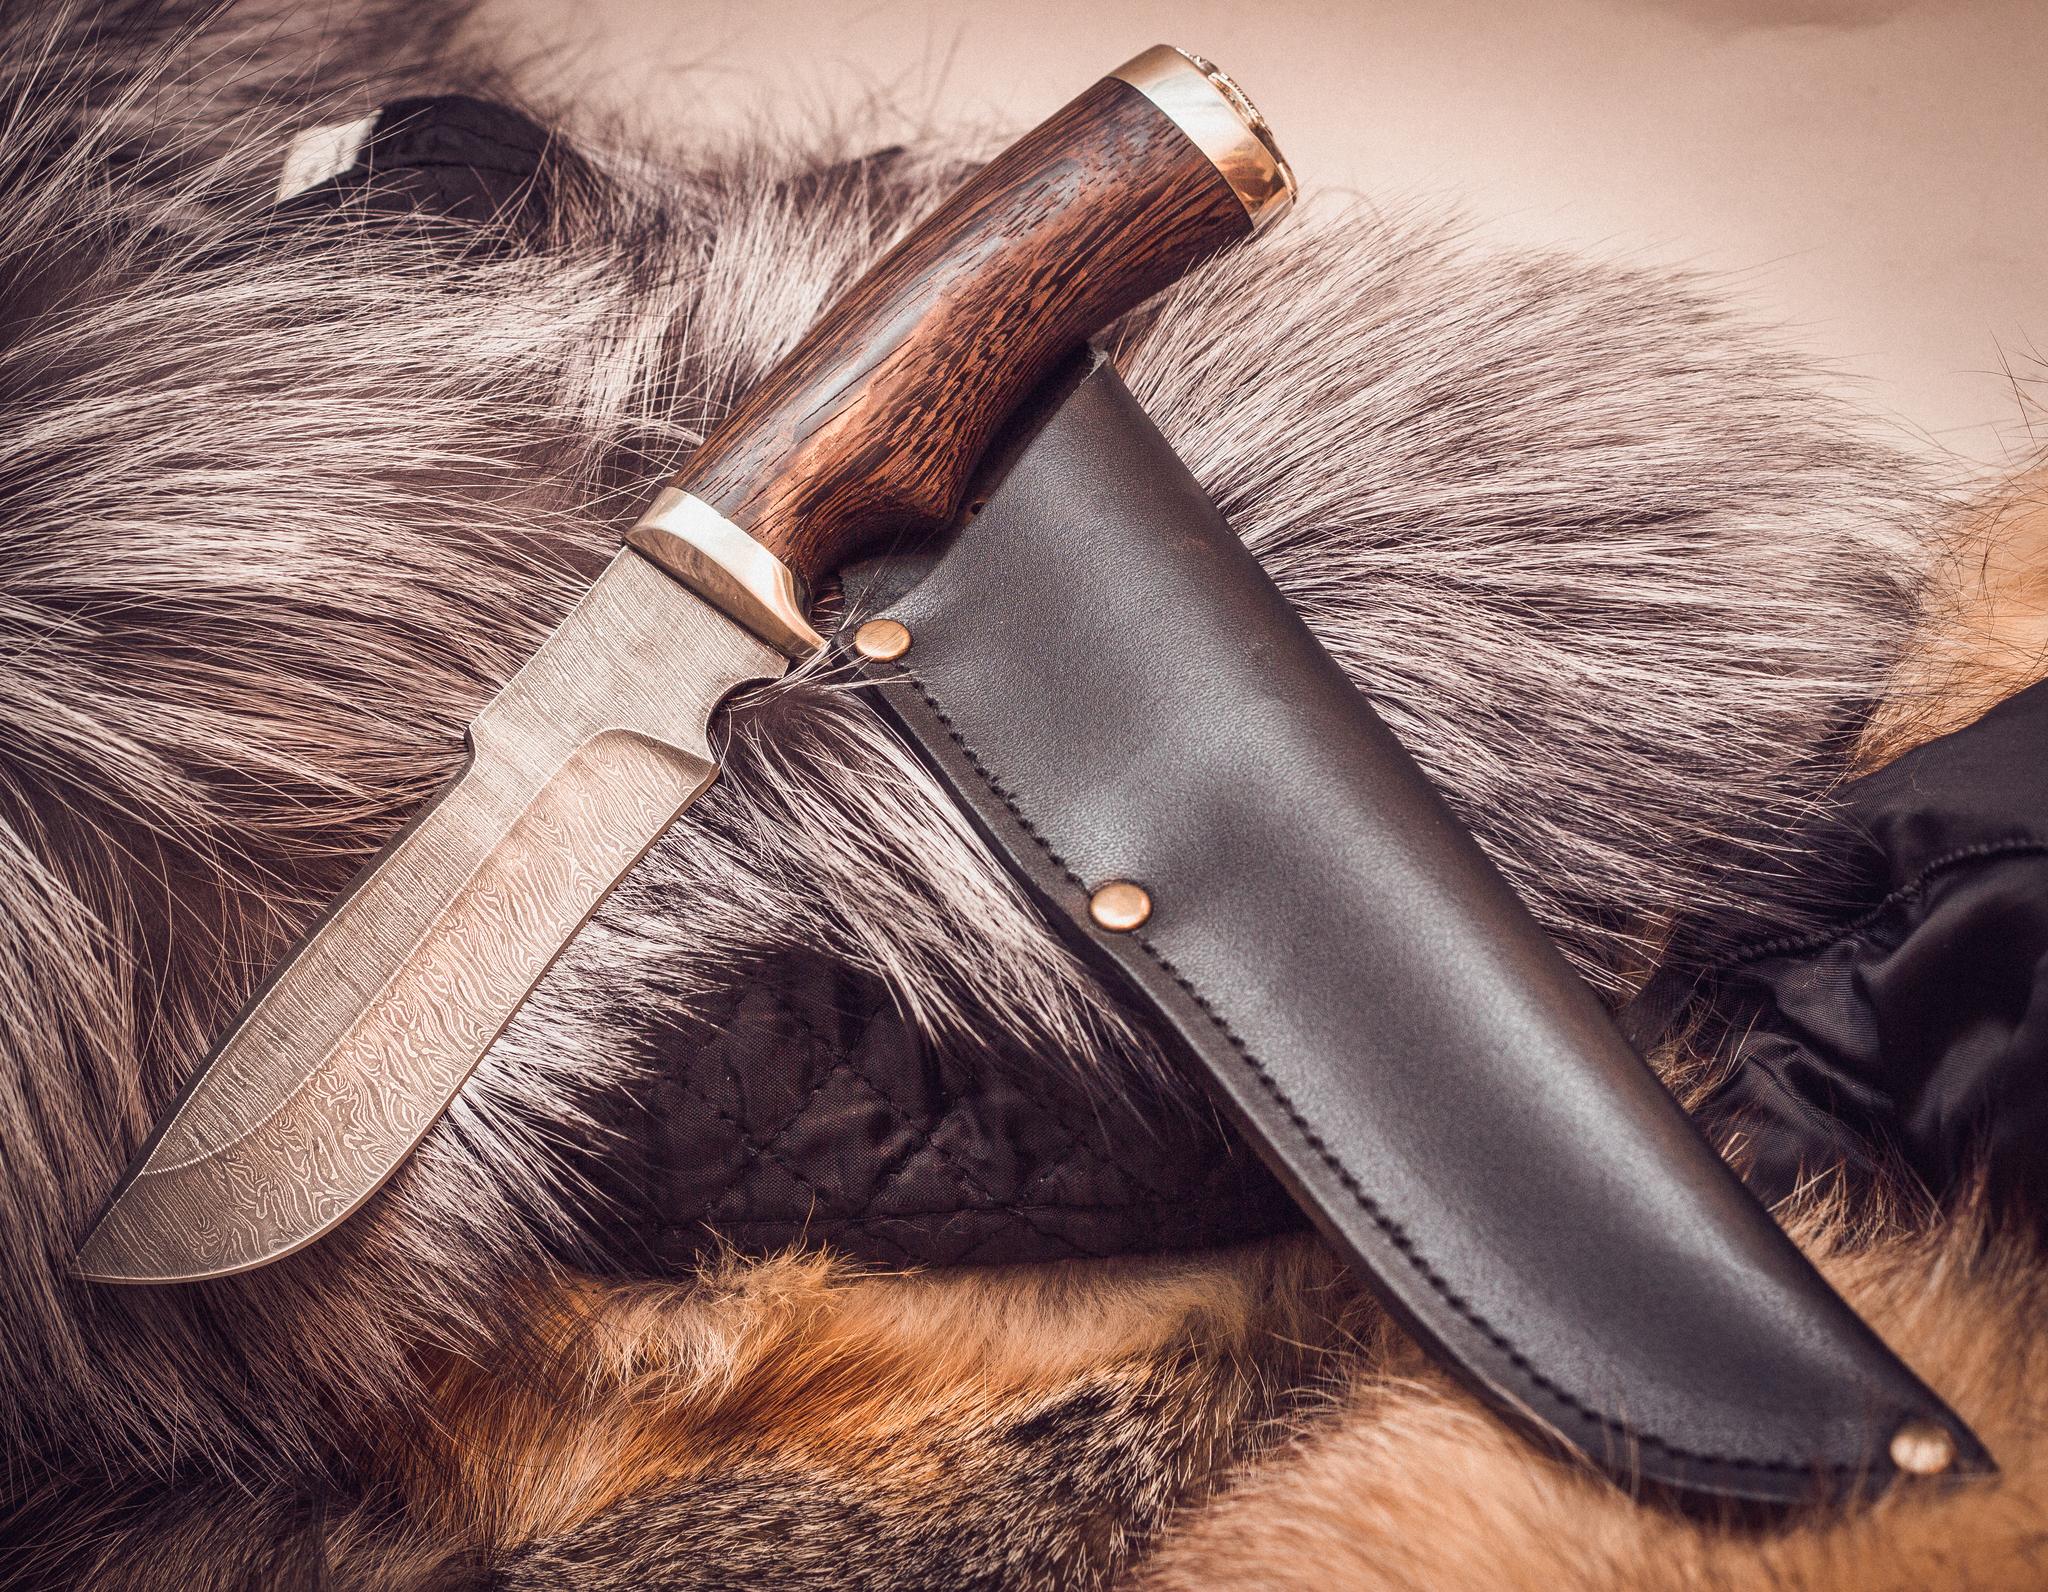 Ножи из дамасской стали Барсук, мельхиорНожи Ворсма<br>Нож из дамасской стали.Рукоять ножа изготовлена из дерева Венге. Дерево имеет красивый темно-коричневый цвет и богатую структуру, обладает высокой прочностью и хорошими эксплуатационными характеристиками. Притины отлиты из мельхиора, имеют высокую прочность и долговечность, не тускнеют в ходе эксплуатации.<br>